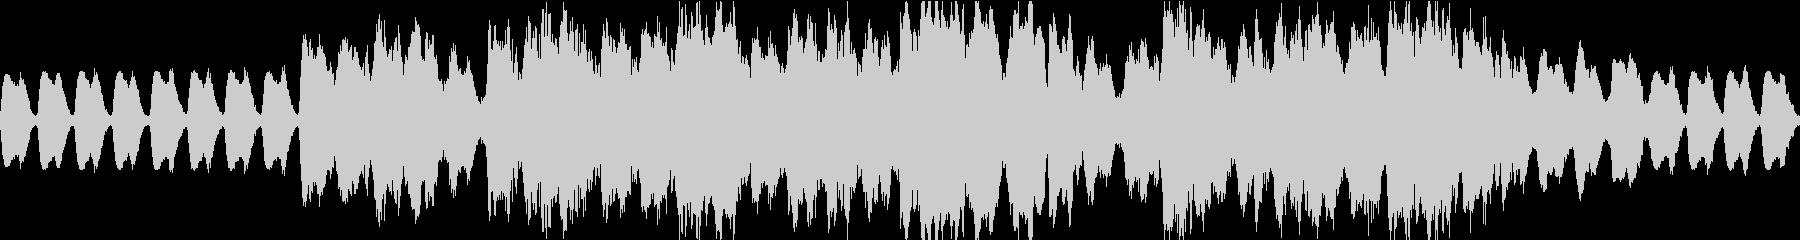 オーケストラ編成の戦士の行進曲の未再生の波形